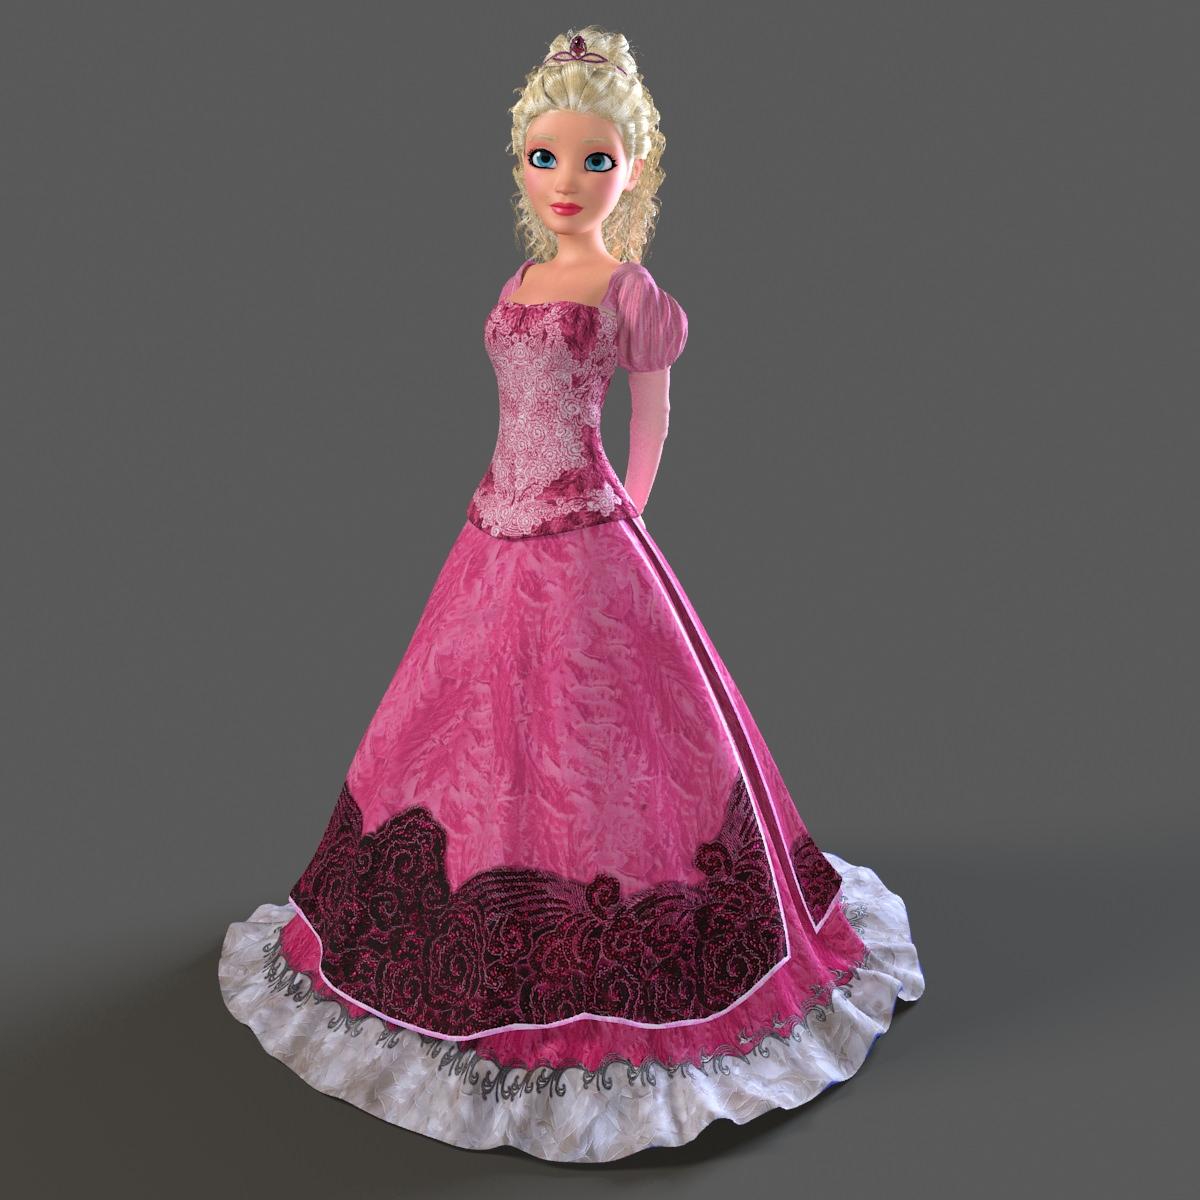 princess bella mray rigged character 3d models   cgtrader